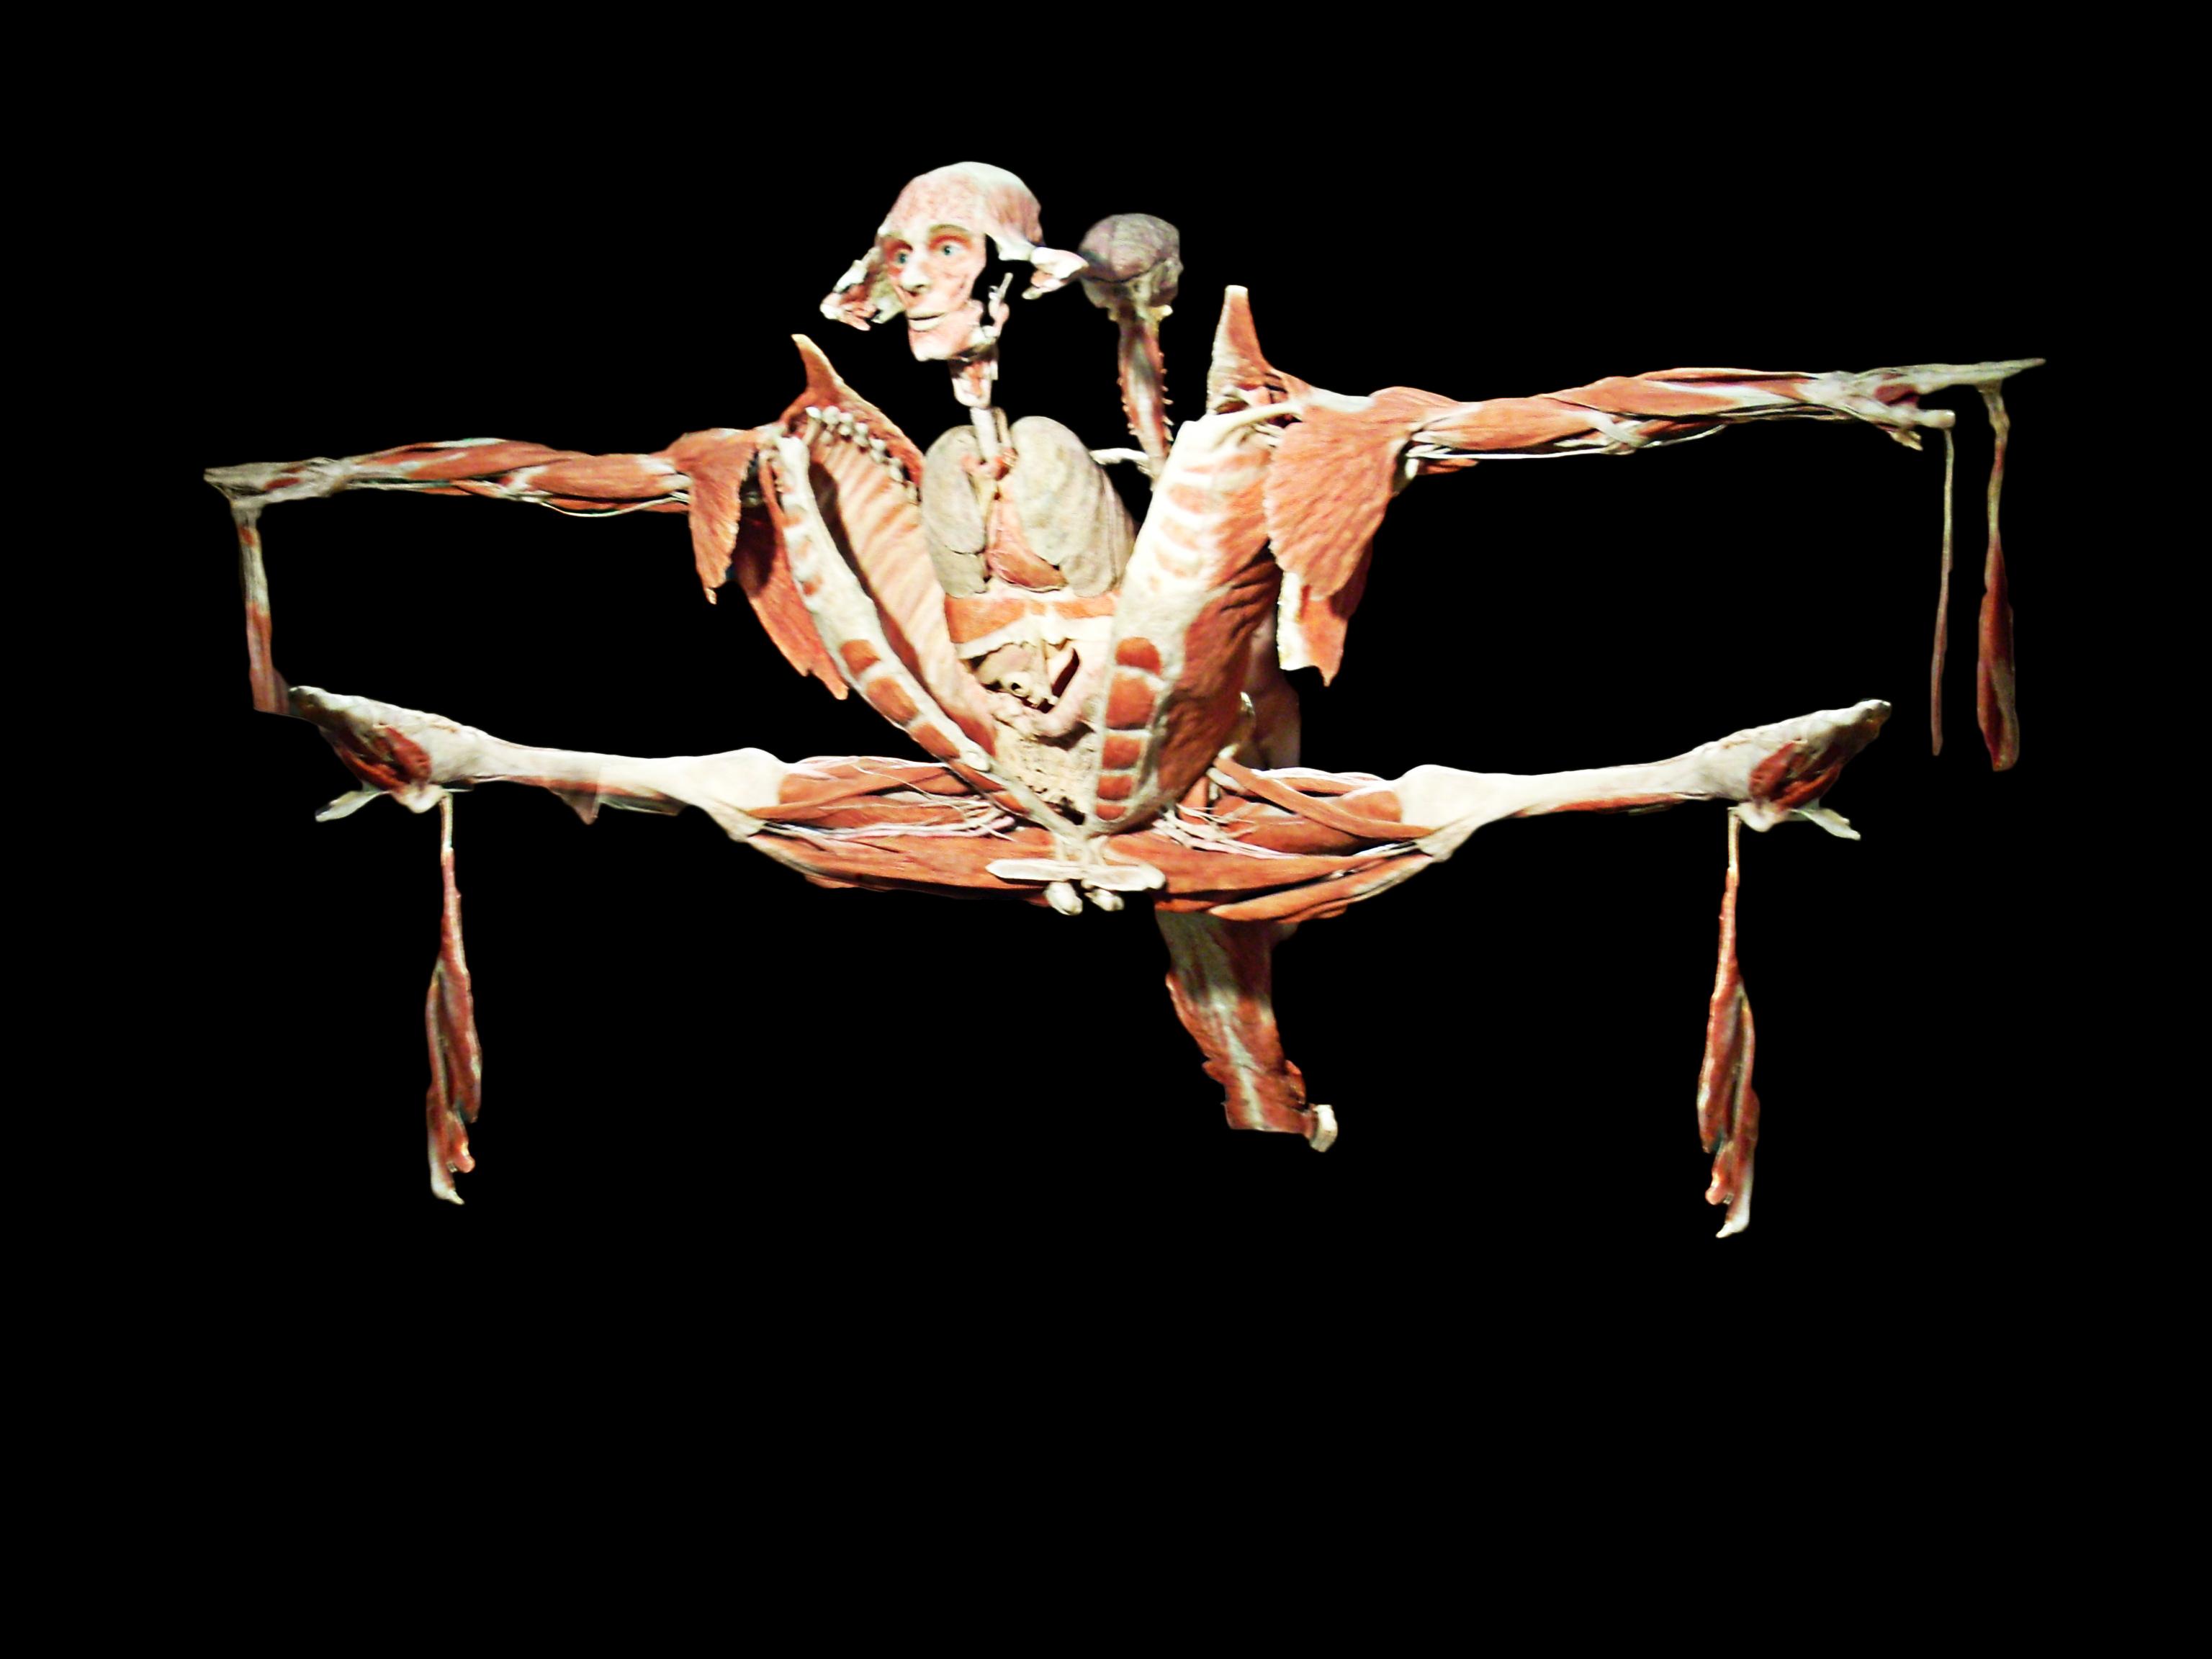 plastinazione Gunther von Hagens anatomia corpo muscoli scheletro